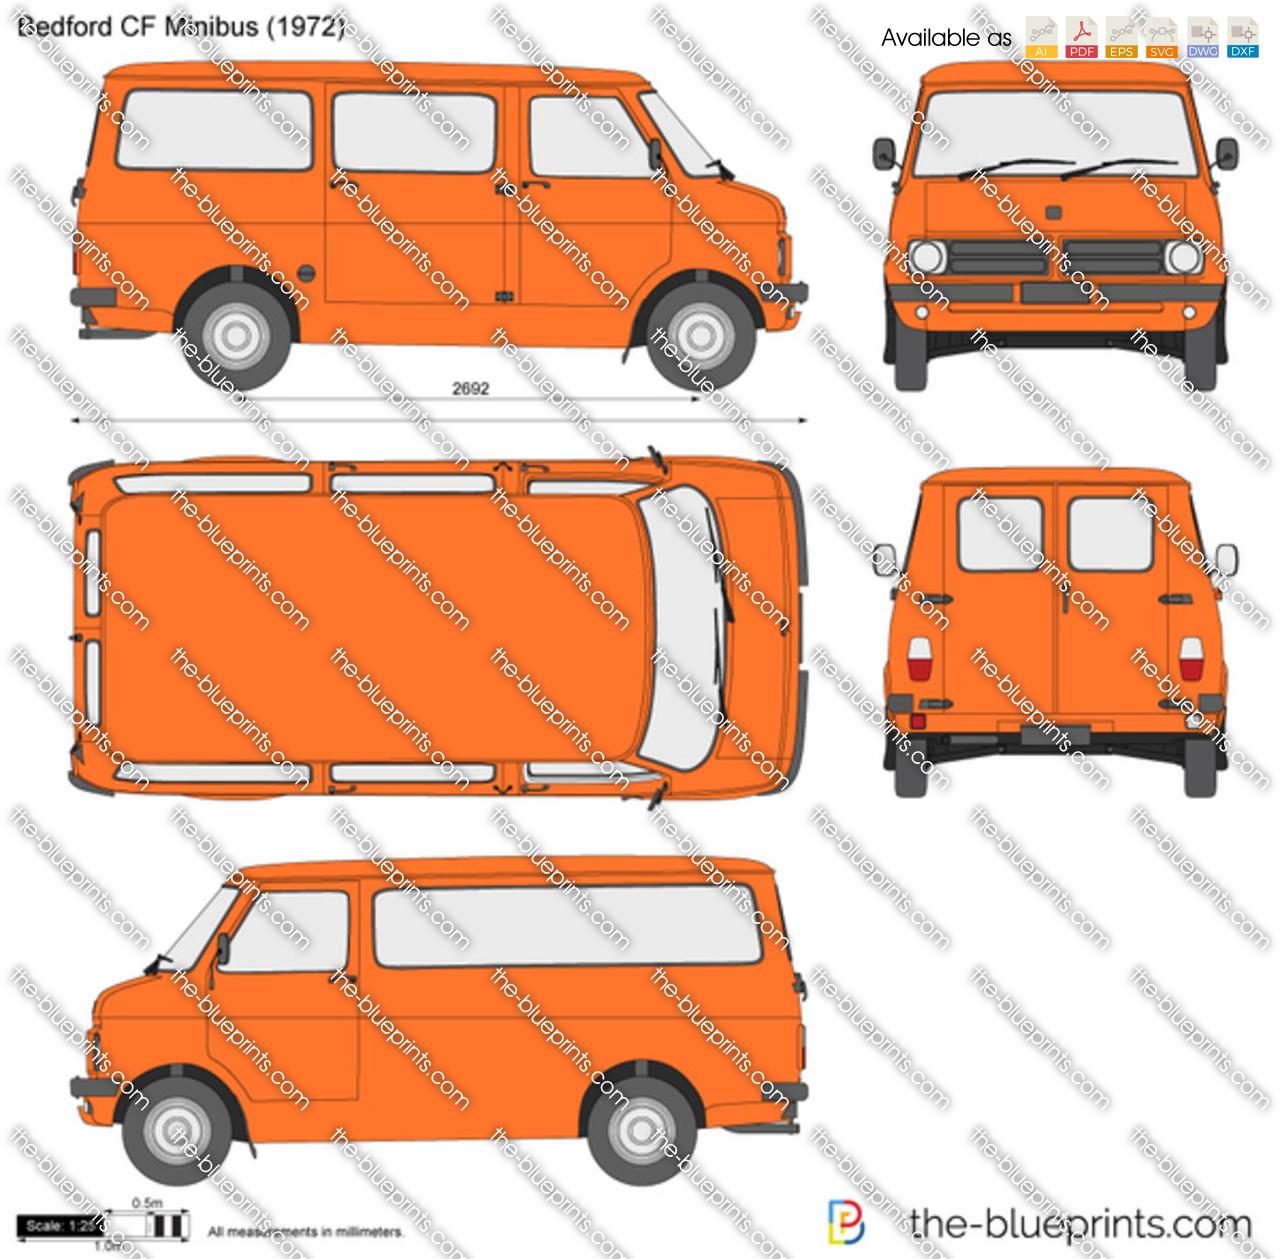 Bedford CF Minibus